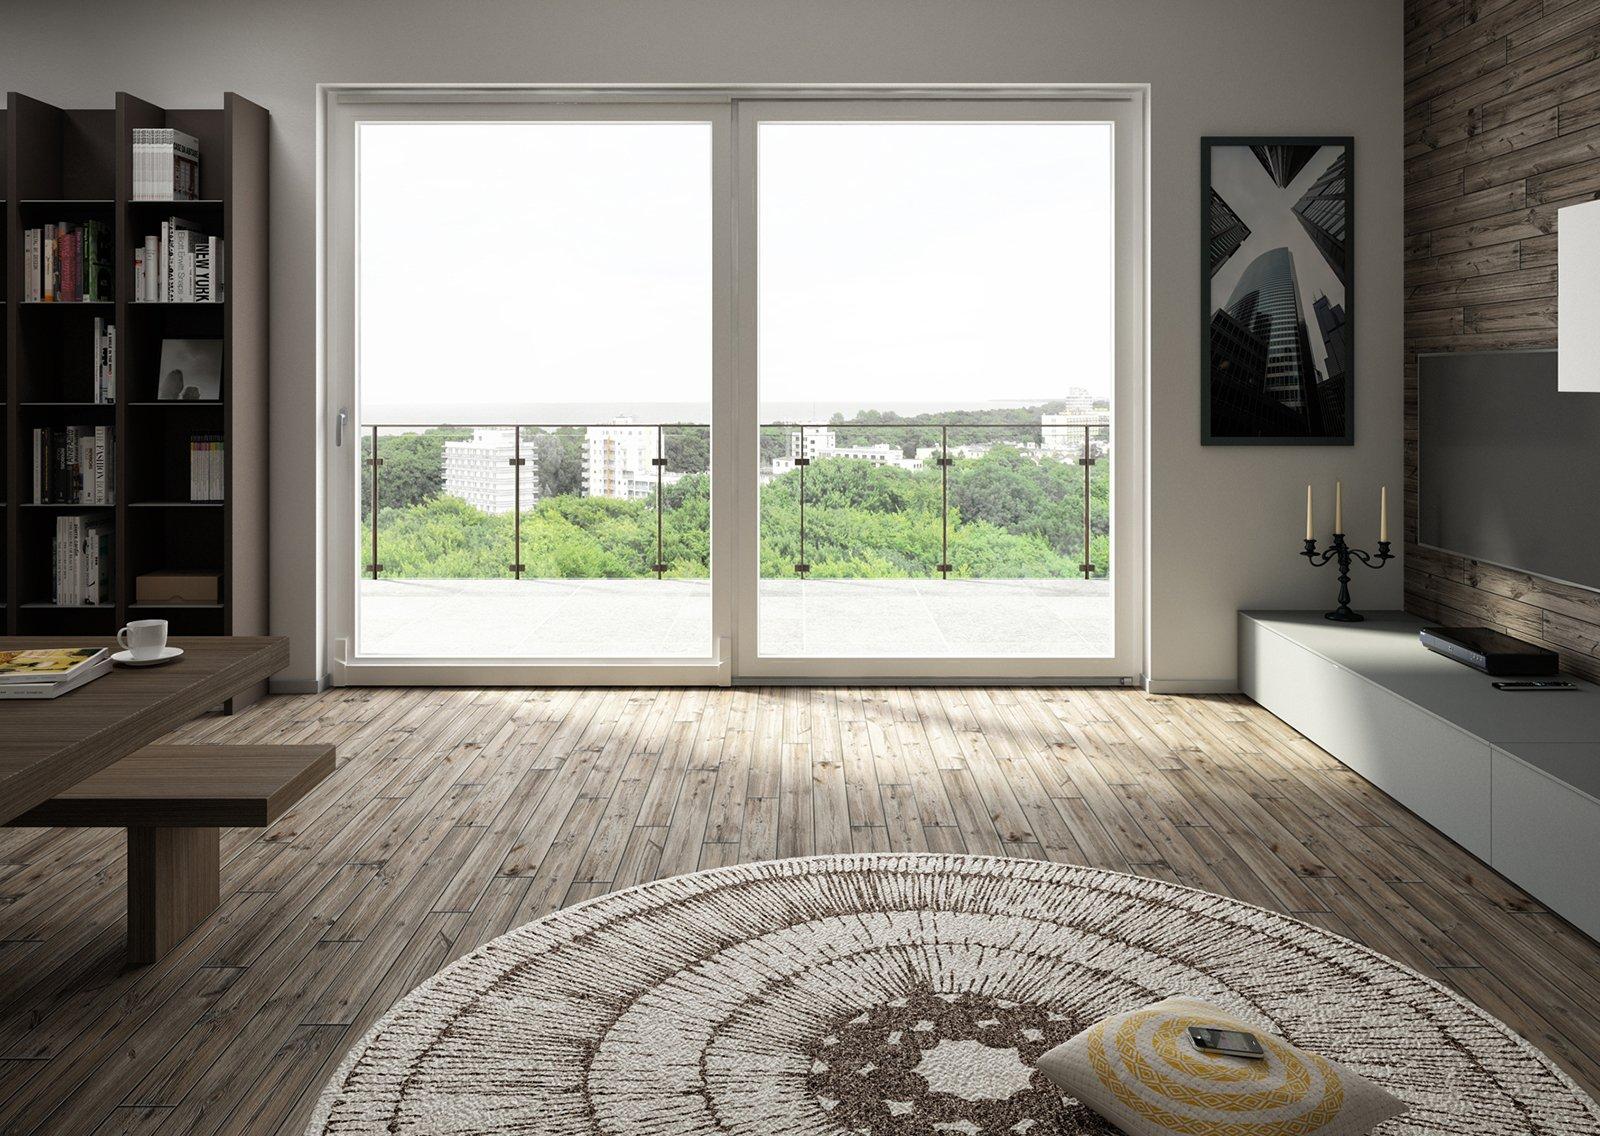 Grandi finestre caratteristiche da valutare cose di casa - Chiudere una finestra di casa ...